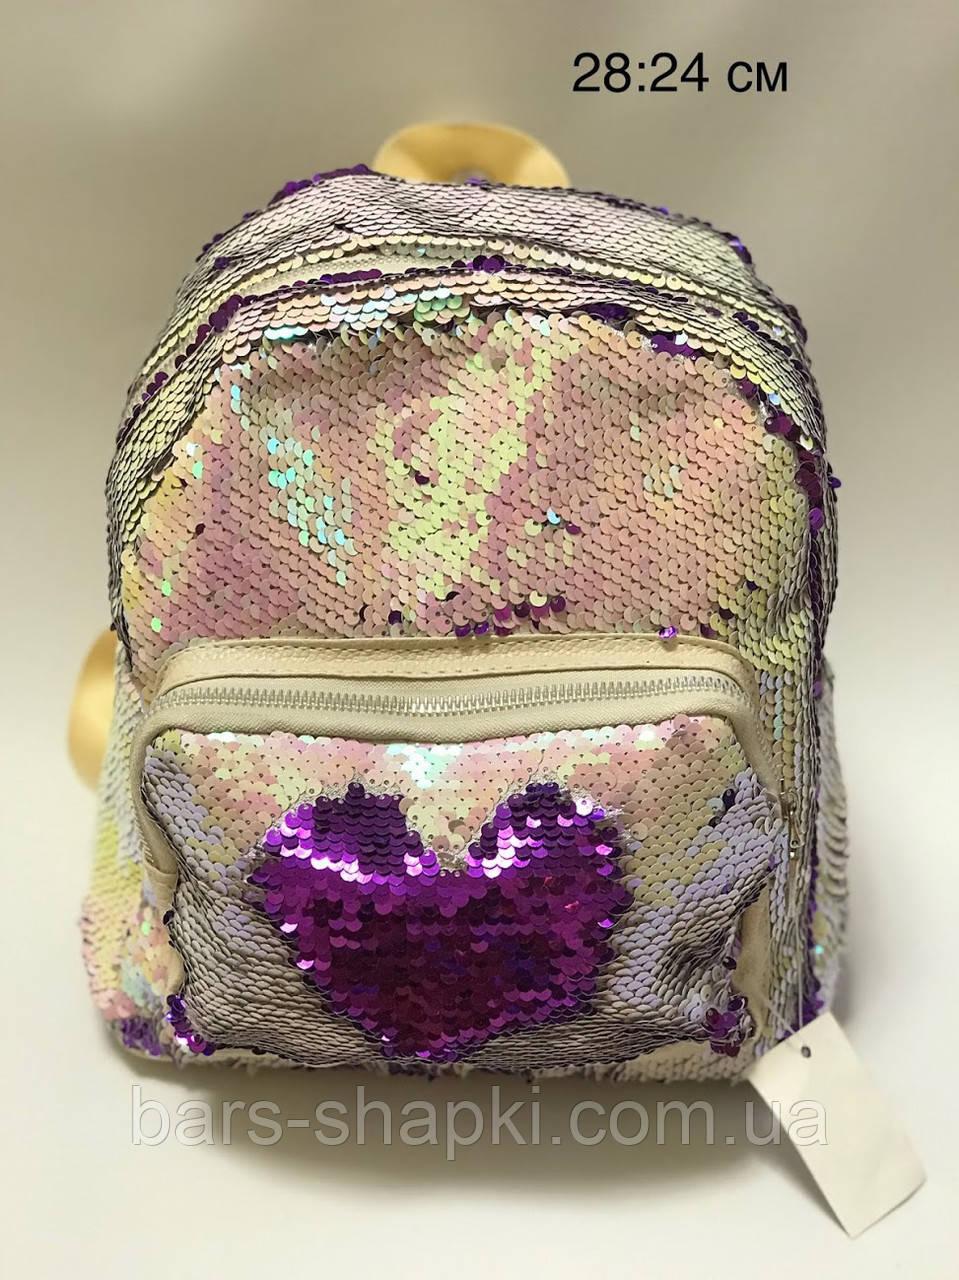 Детский рюкзак с паетками перевертышами, с подкладкой. Есть опт.